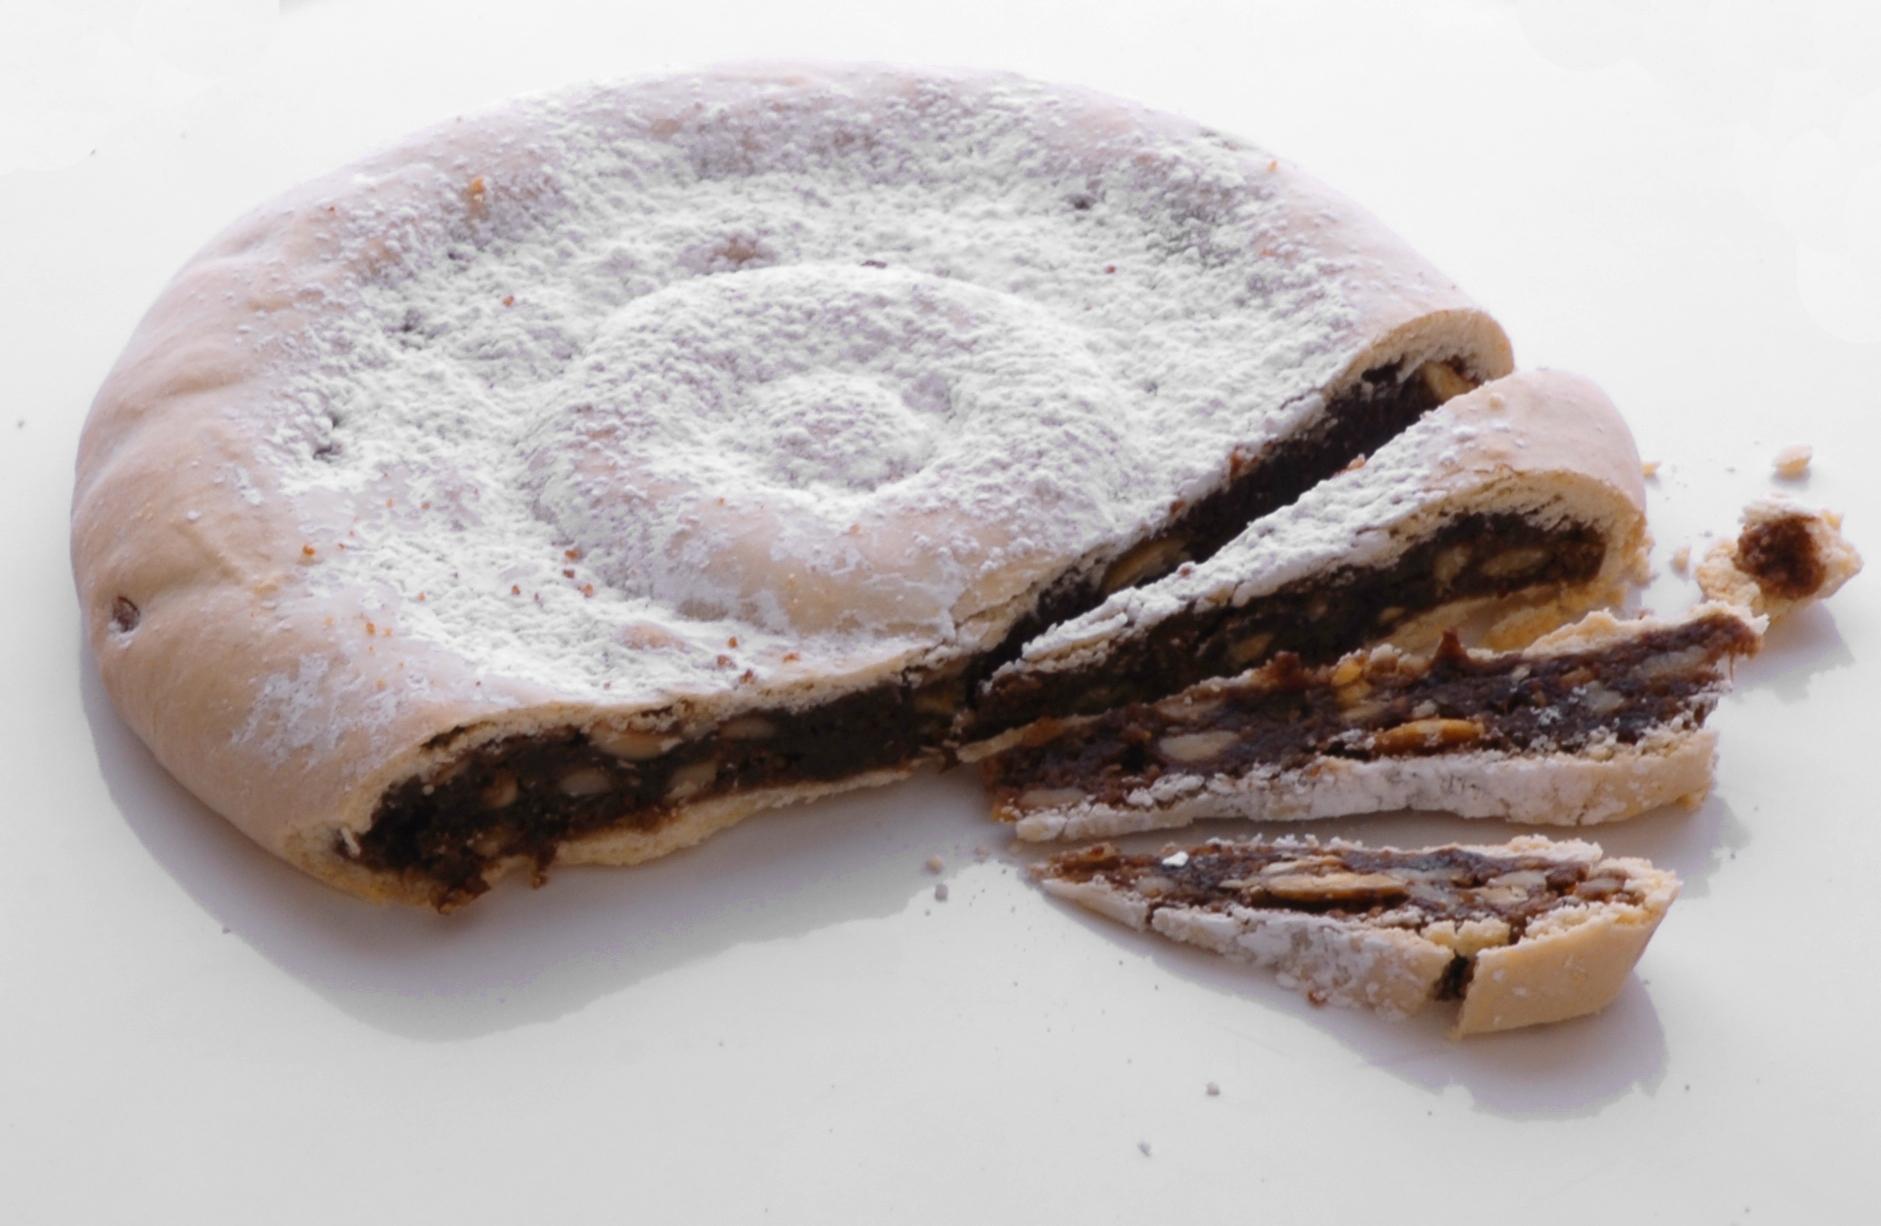 La Papperia prodotti tipici Alzate brianza ( COMO ) Spongata Brescello